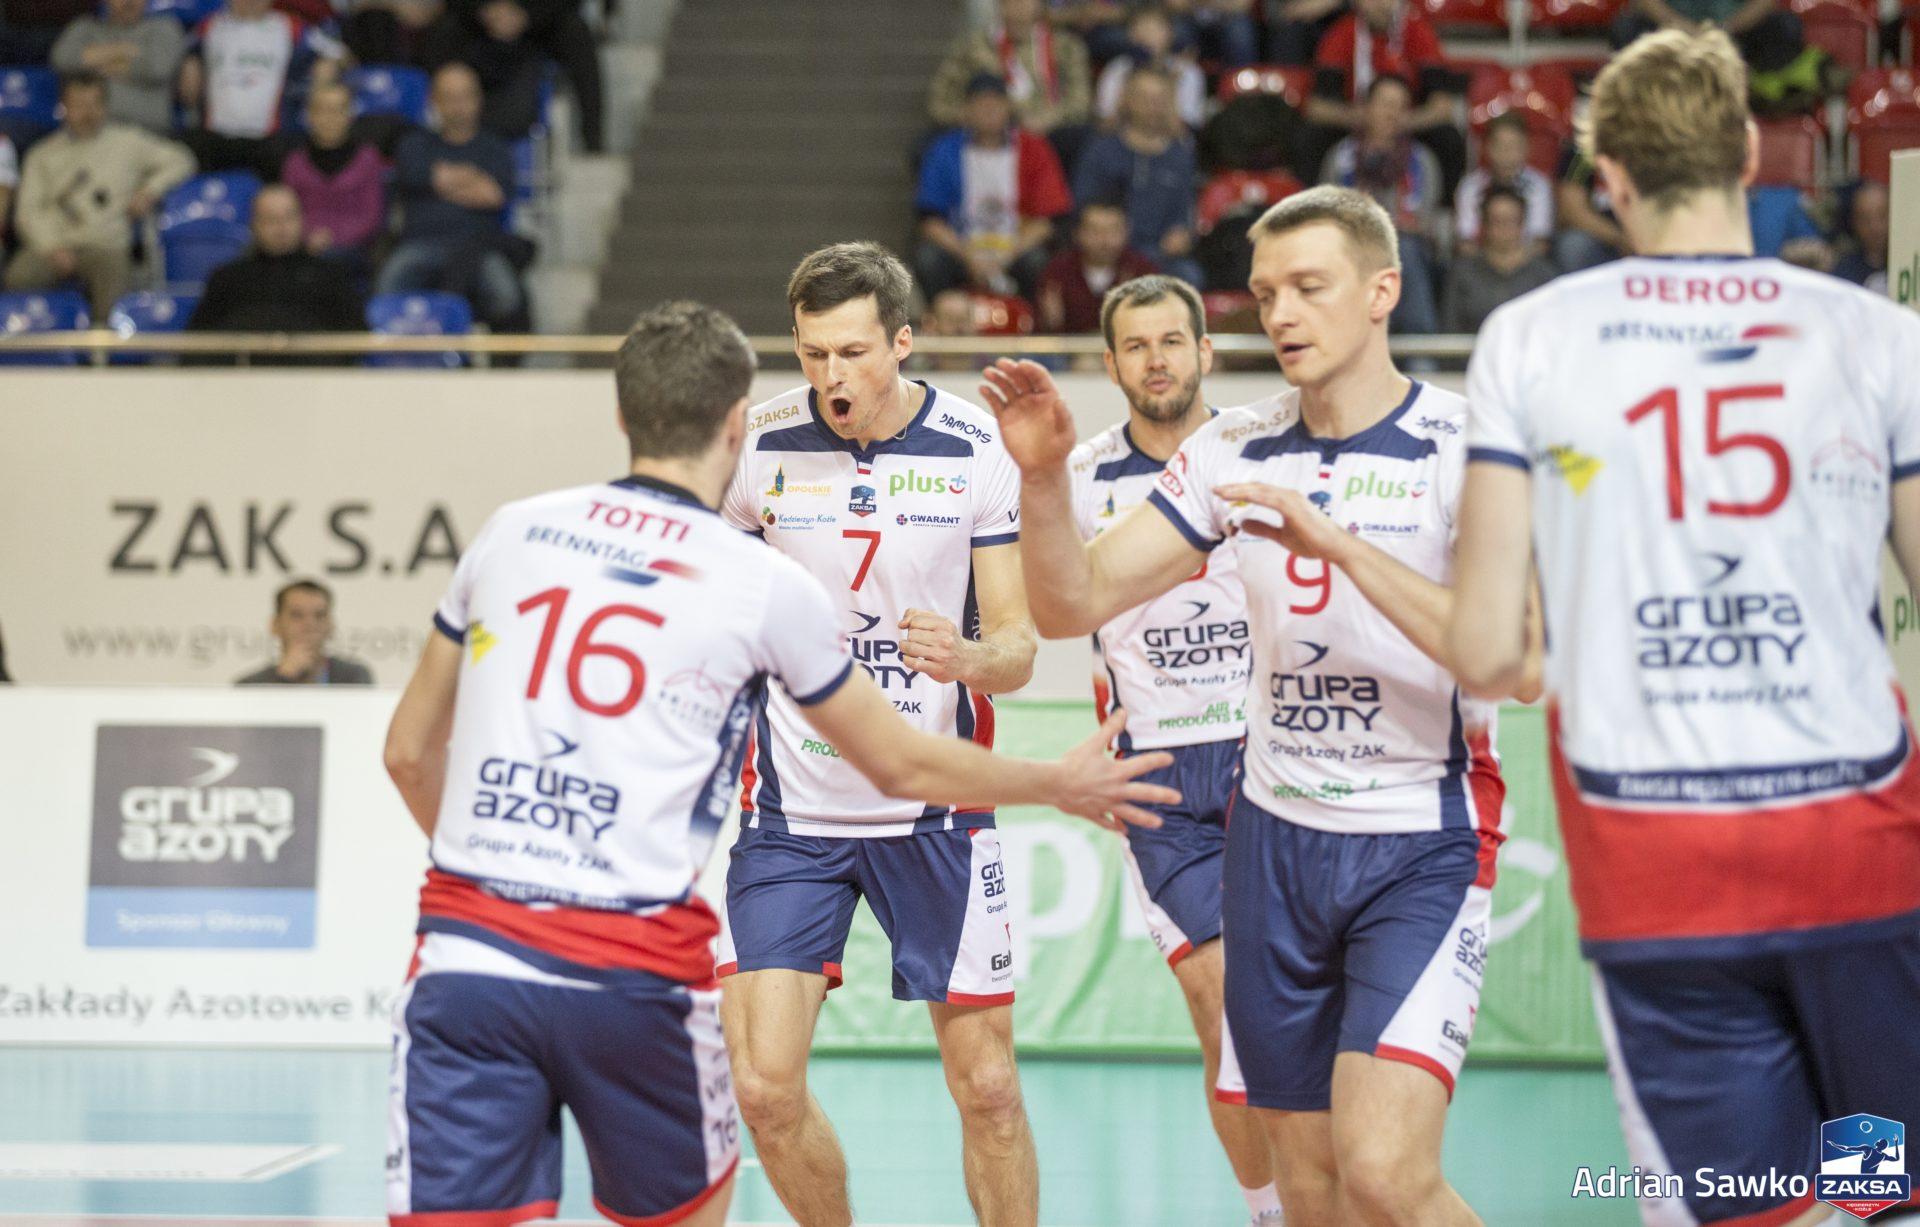 Bilety na 1/4 finału Pucharu Polski